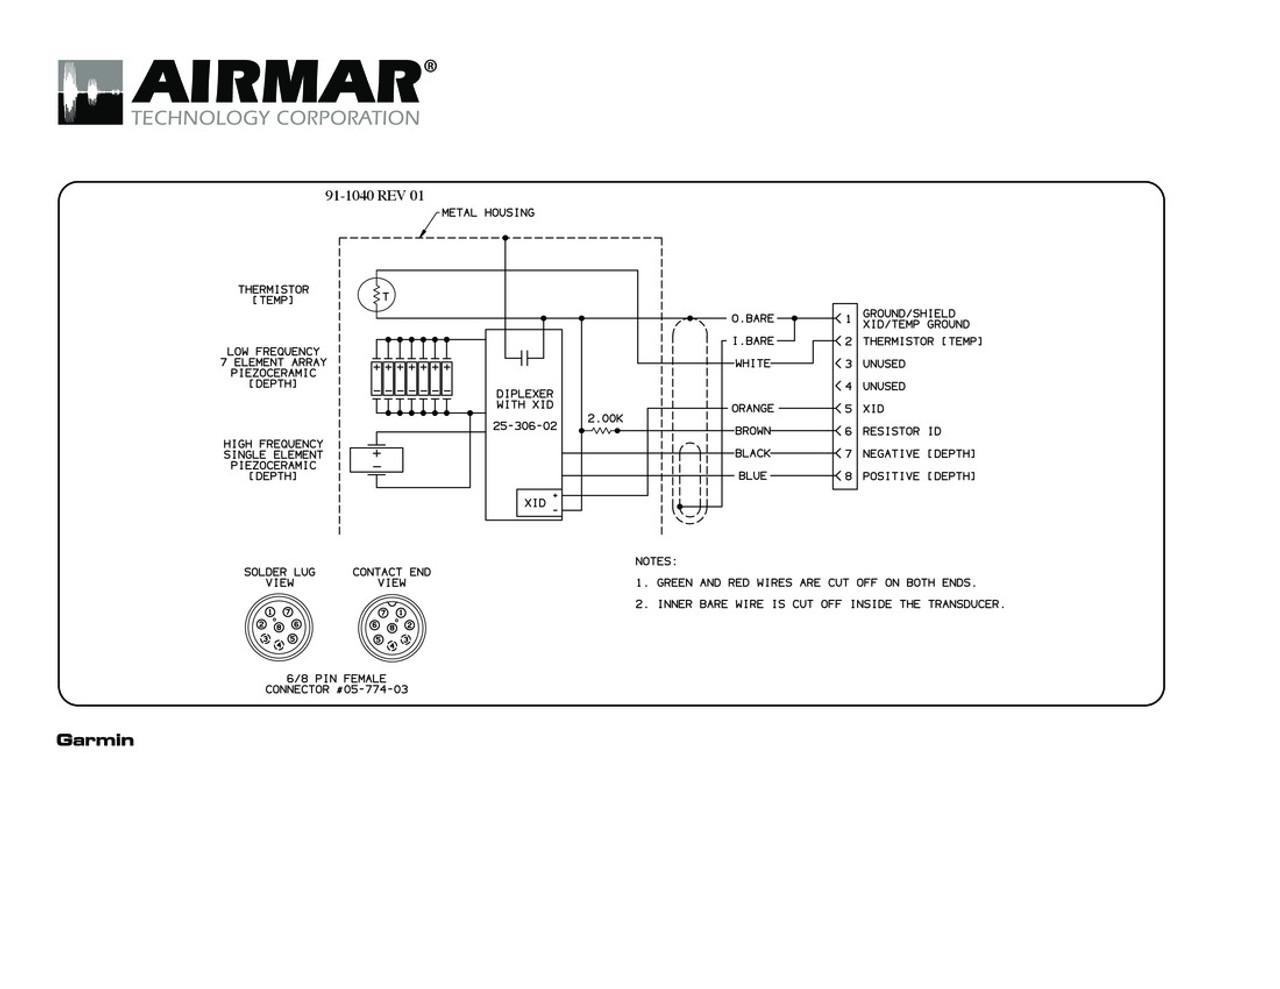 Garmin 3010c Wiring Diagram - Wiring Schematics on